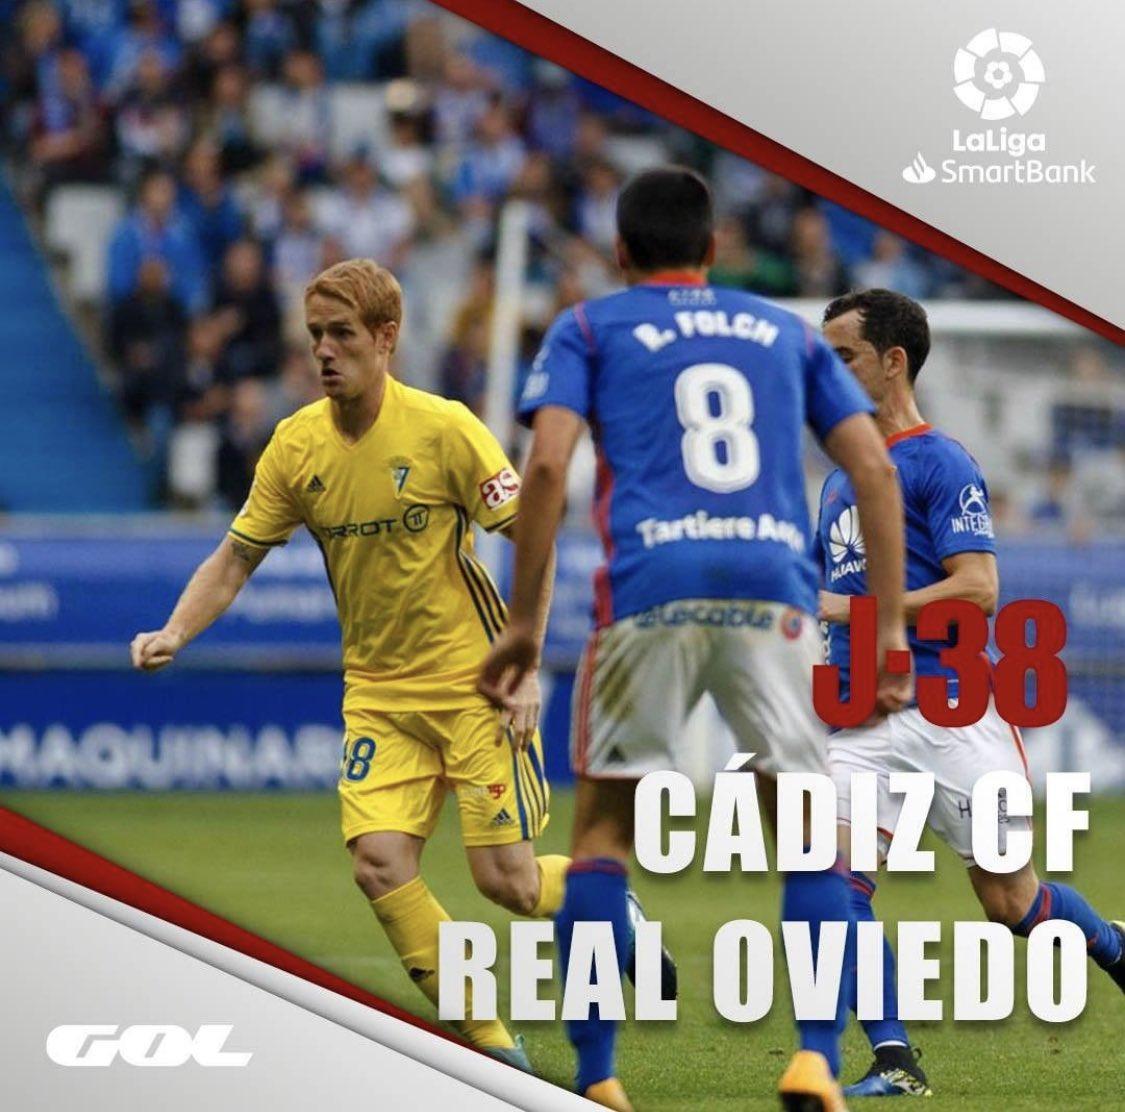 #VolverEsGanar Cómo jugaban el Cuco y Cervera! Mucho #fútbol en la Tacita #jornada38 de @laliga Smartbank  👇🏼  📍 Carranza  ⚽️ @Cadiz_CF @RealOviedo   ⏰ 21:45  📺 @Gol  🎙 @HectorRuizPardo @isaacfouto ☝🏼  #Gol #GolLaLigaSmartbank #LaLigaSmartbank #CádizOviedoenGol #CádizOviedo https://t.co/5dCVhChXjc